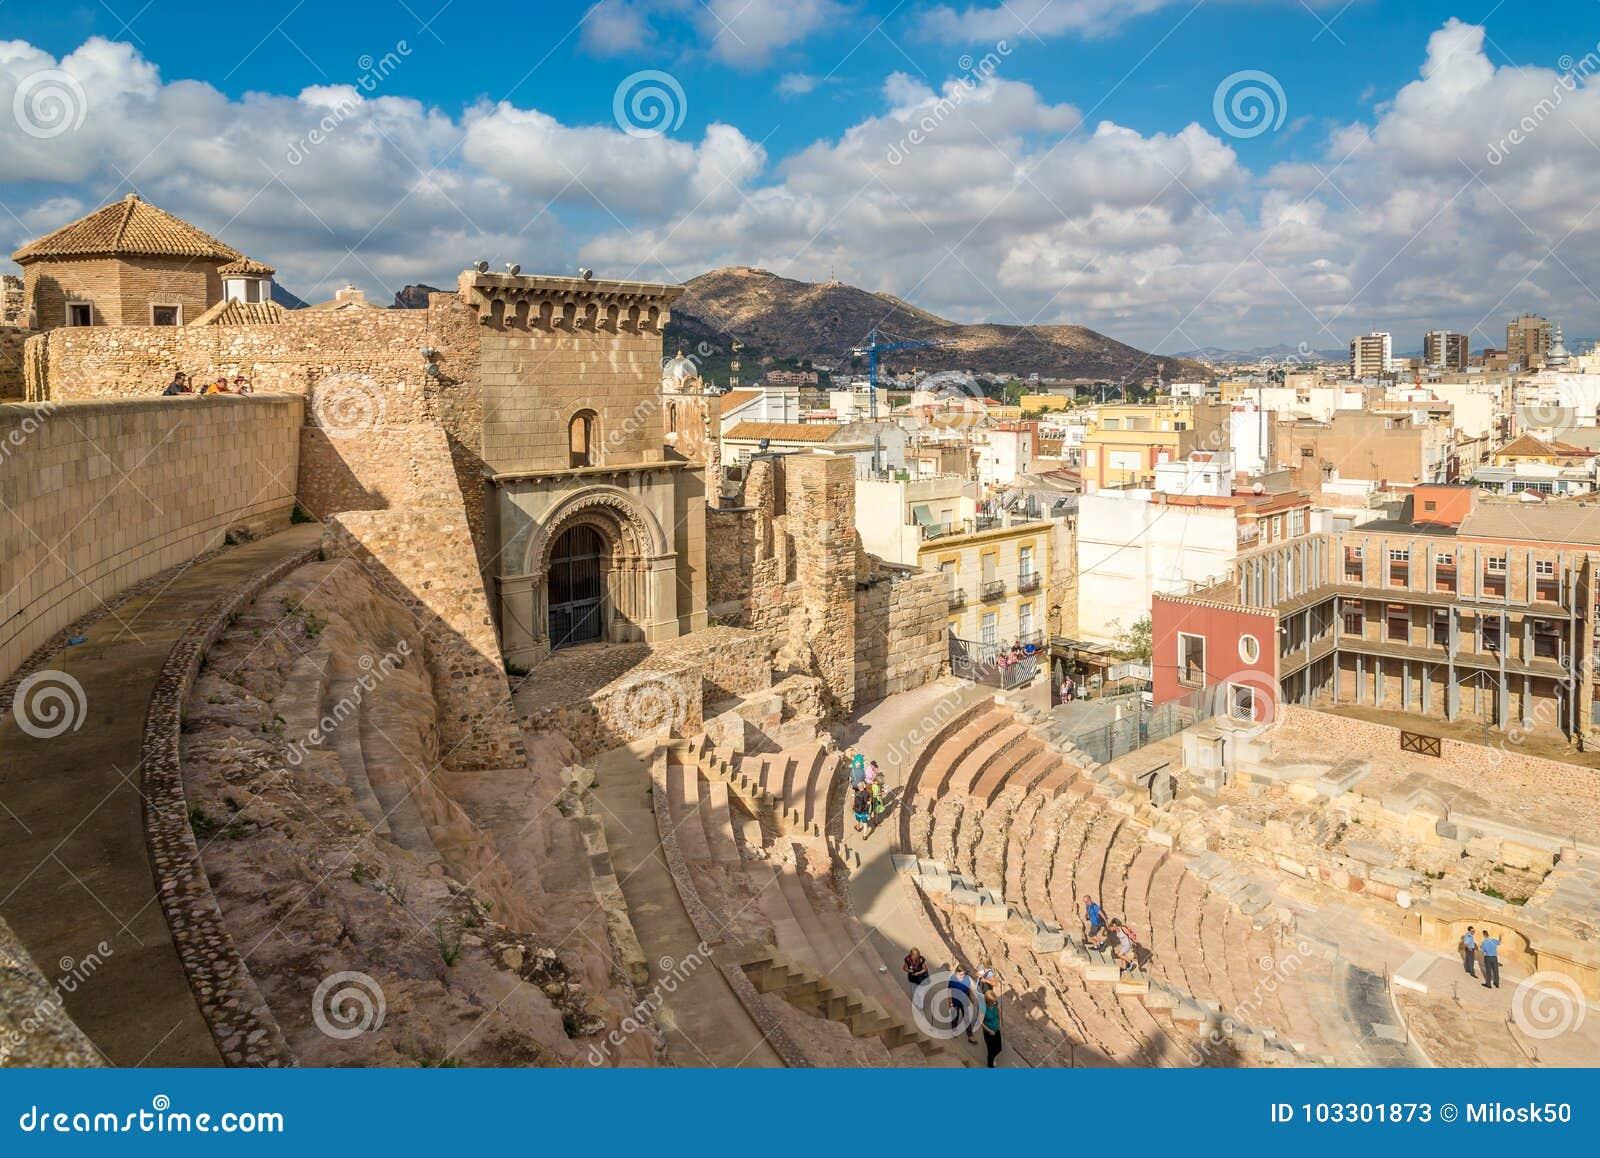 Sikt på den forntida romerska teatern i Cartagena - Spanien